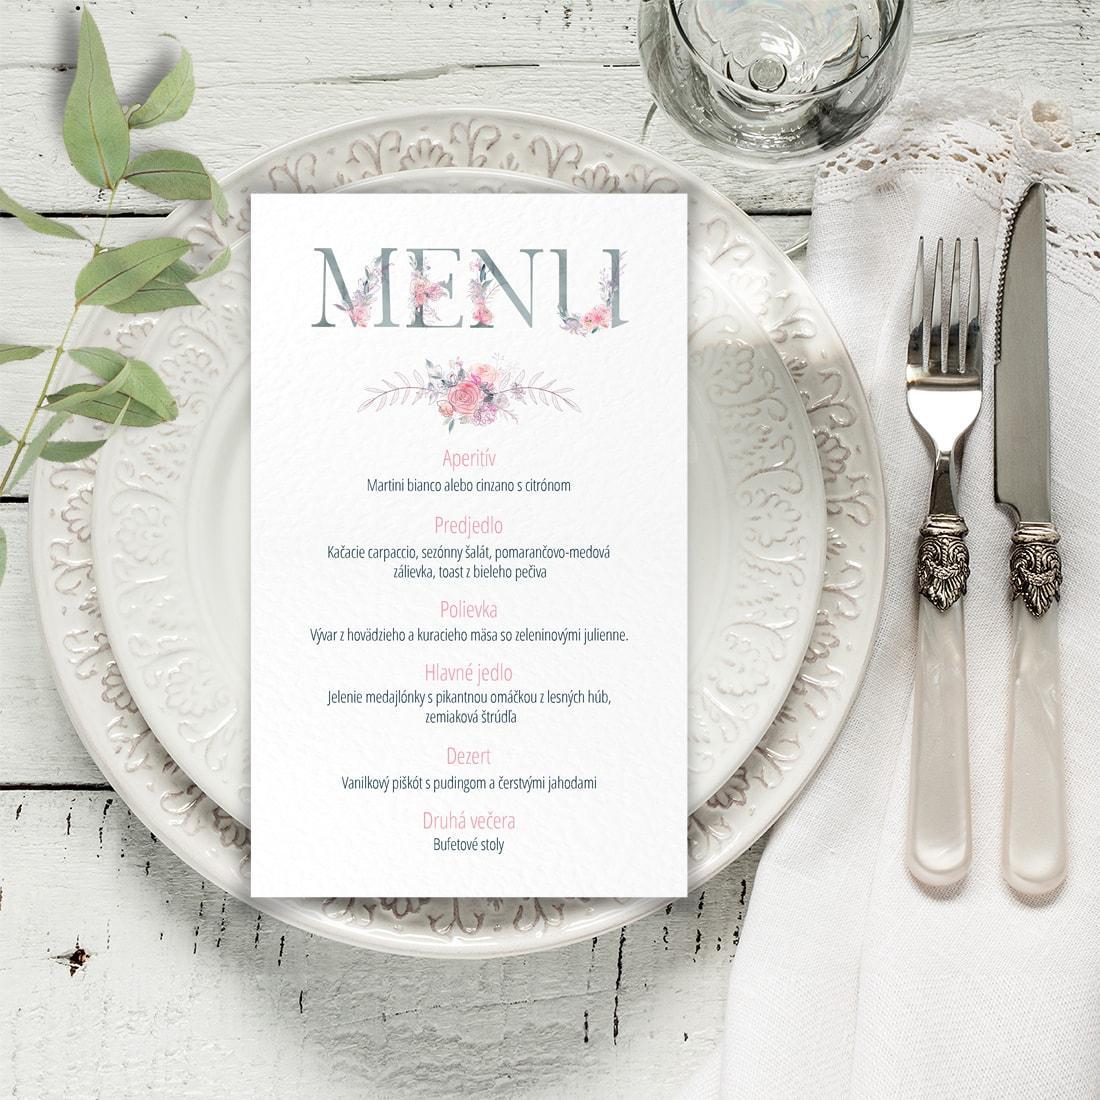 Svadobné menu - menu karta - Obrázok č. 3